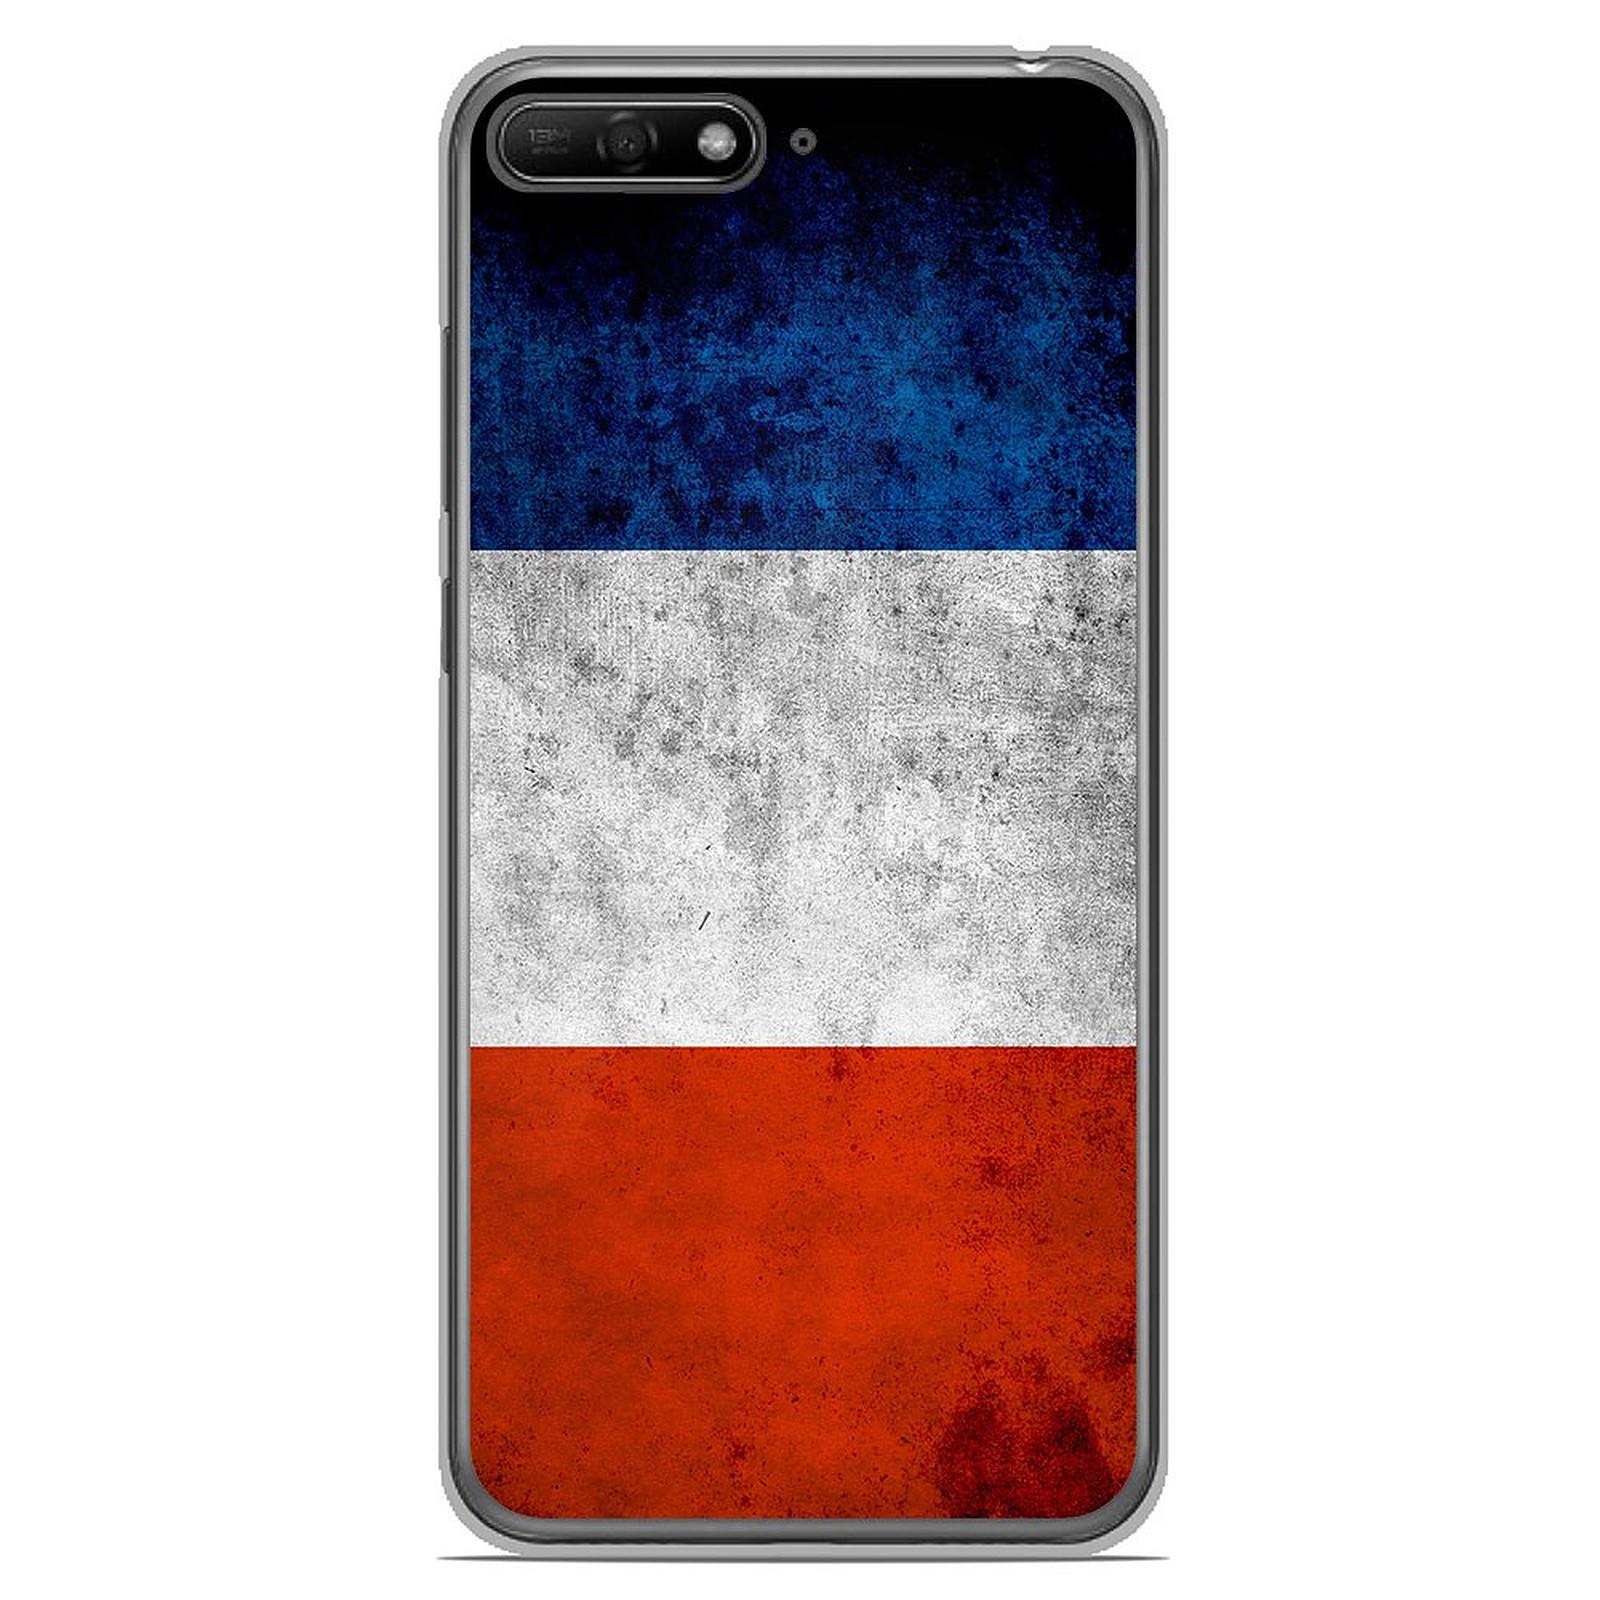 1001 Coques Coque silicone gel Huawei Y6 2018 motif Drapeau France - Coque téléphone 1001Coques sur LDLC.com